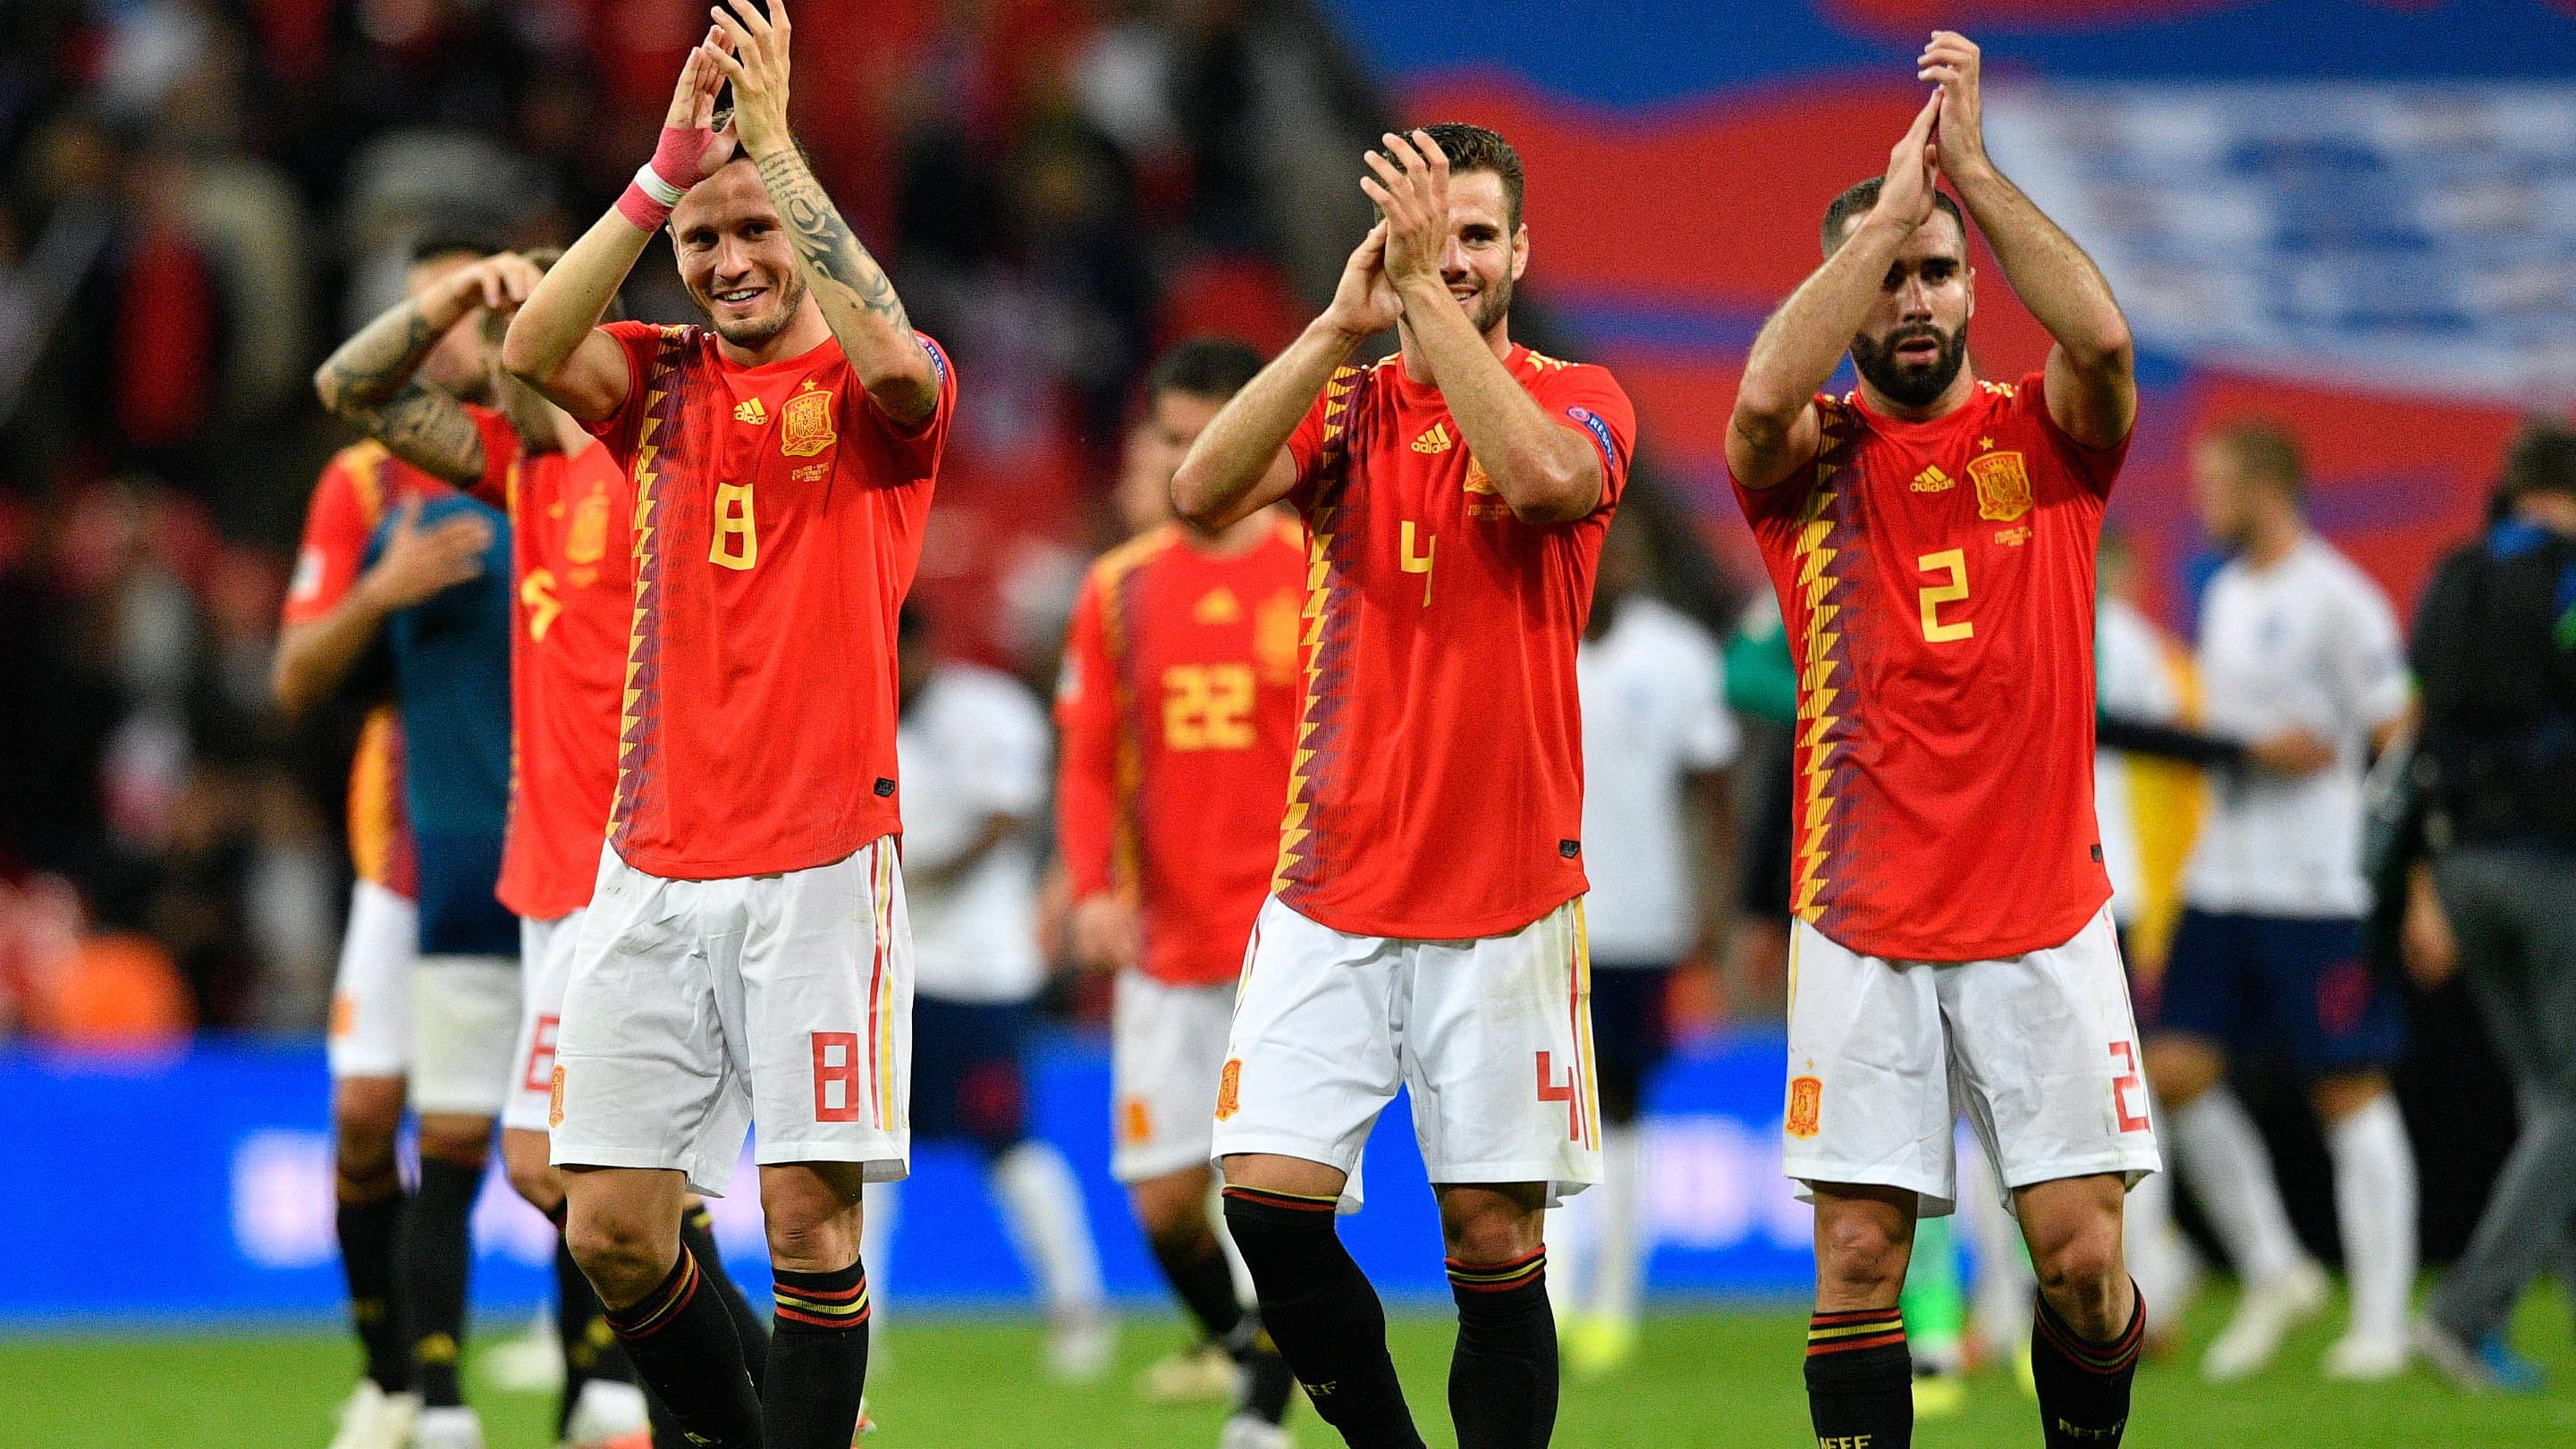 España comienza con buen pie la Liga de Naciones